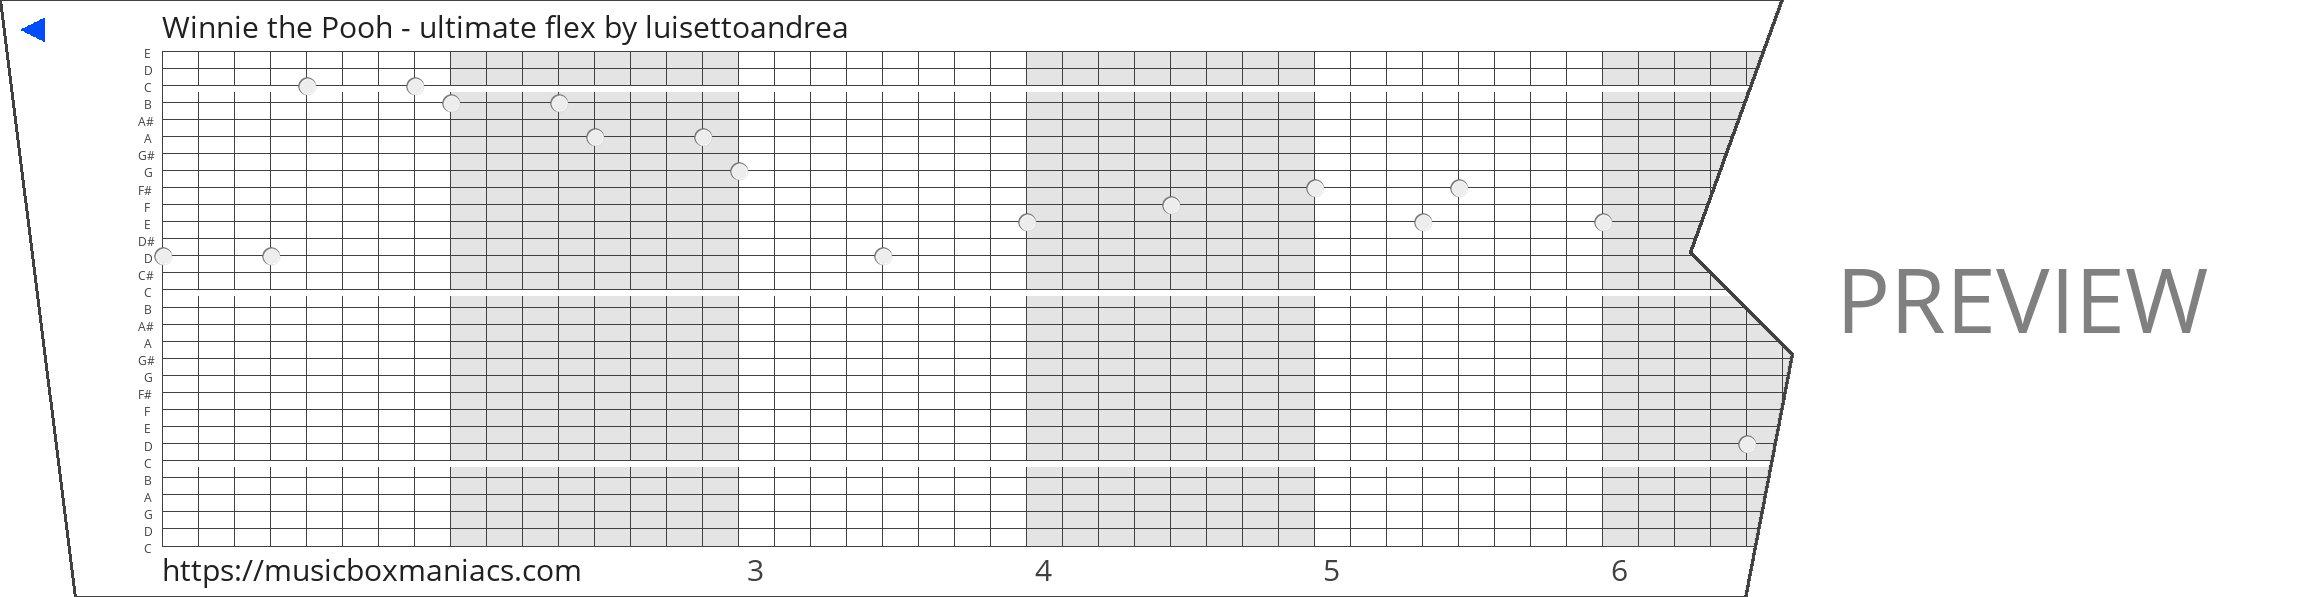 Winnie the Pooh - ultimate flex 30 note music box paper strip